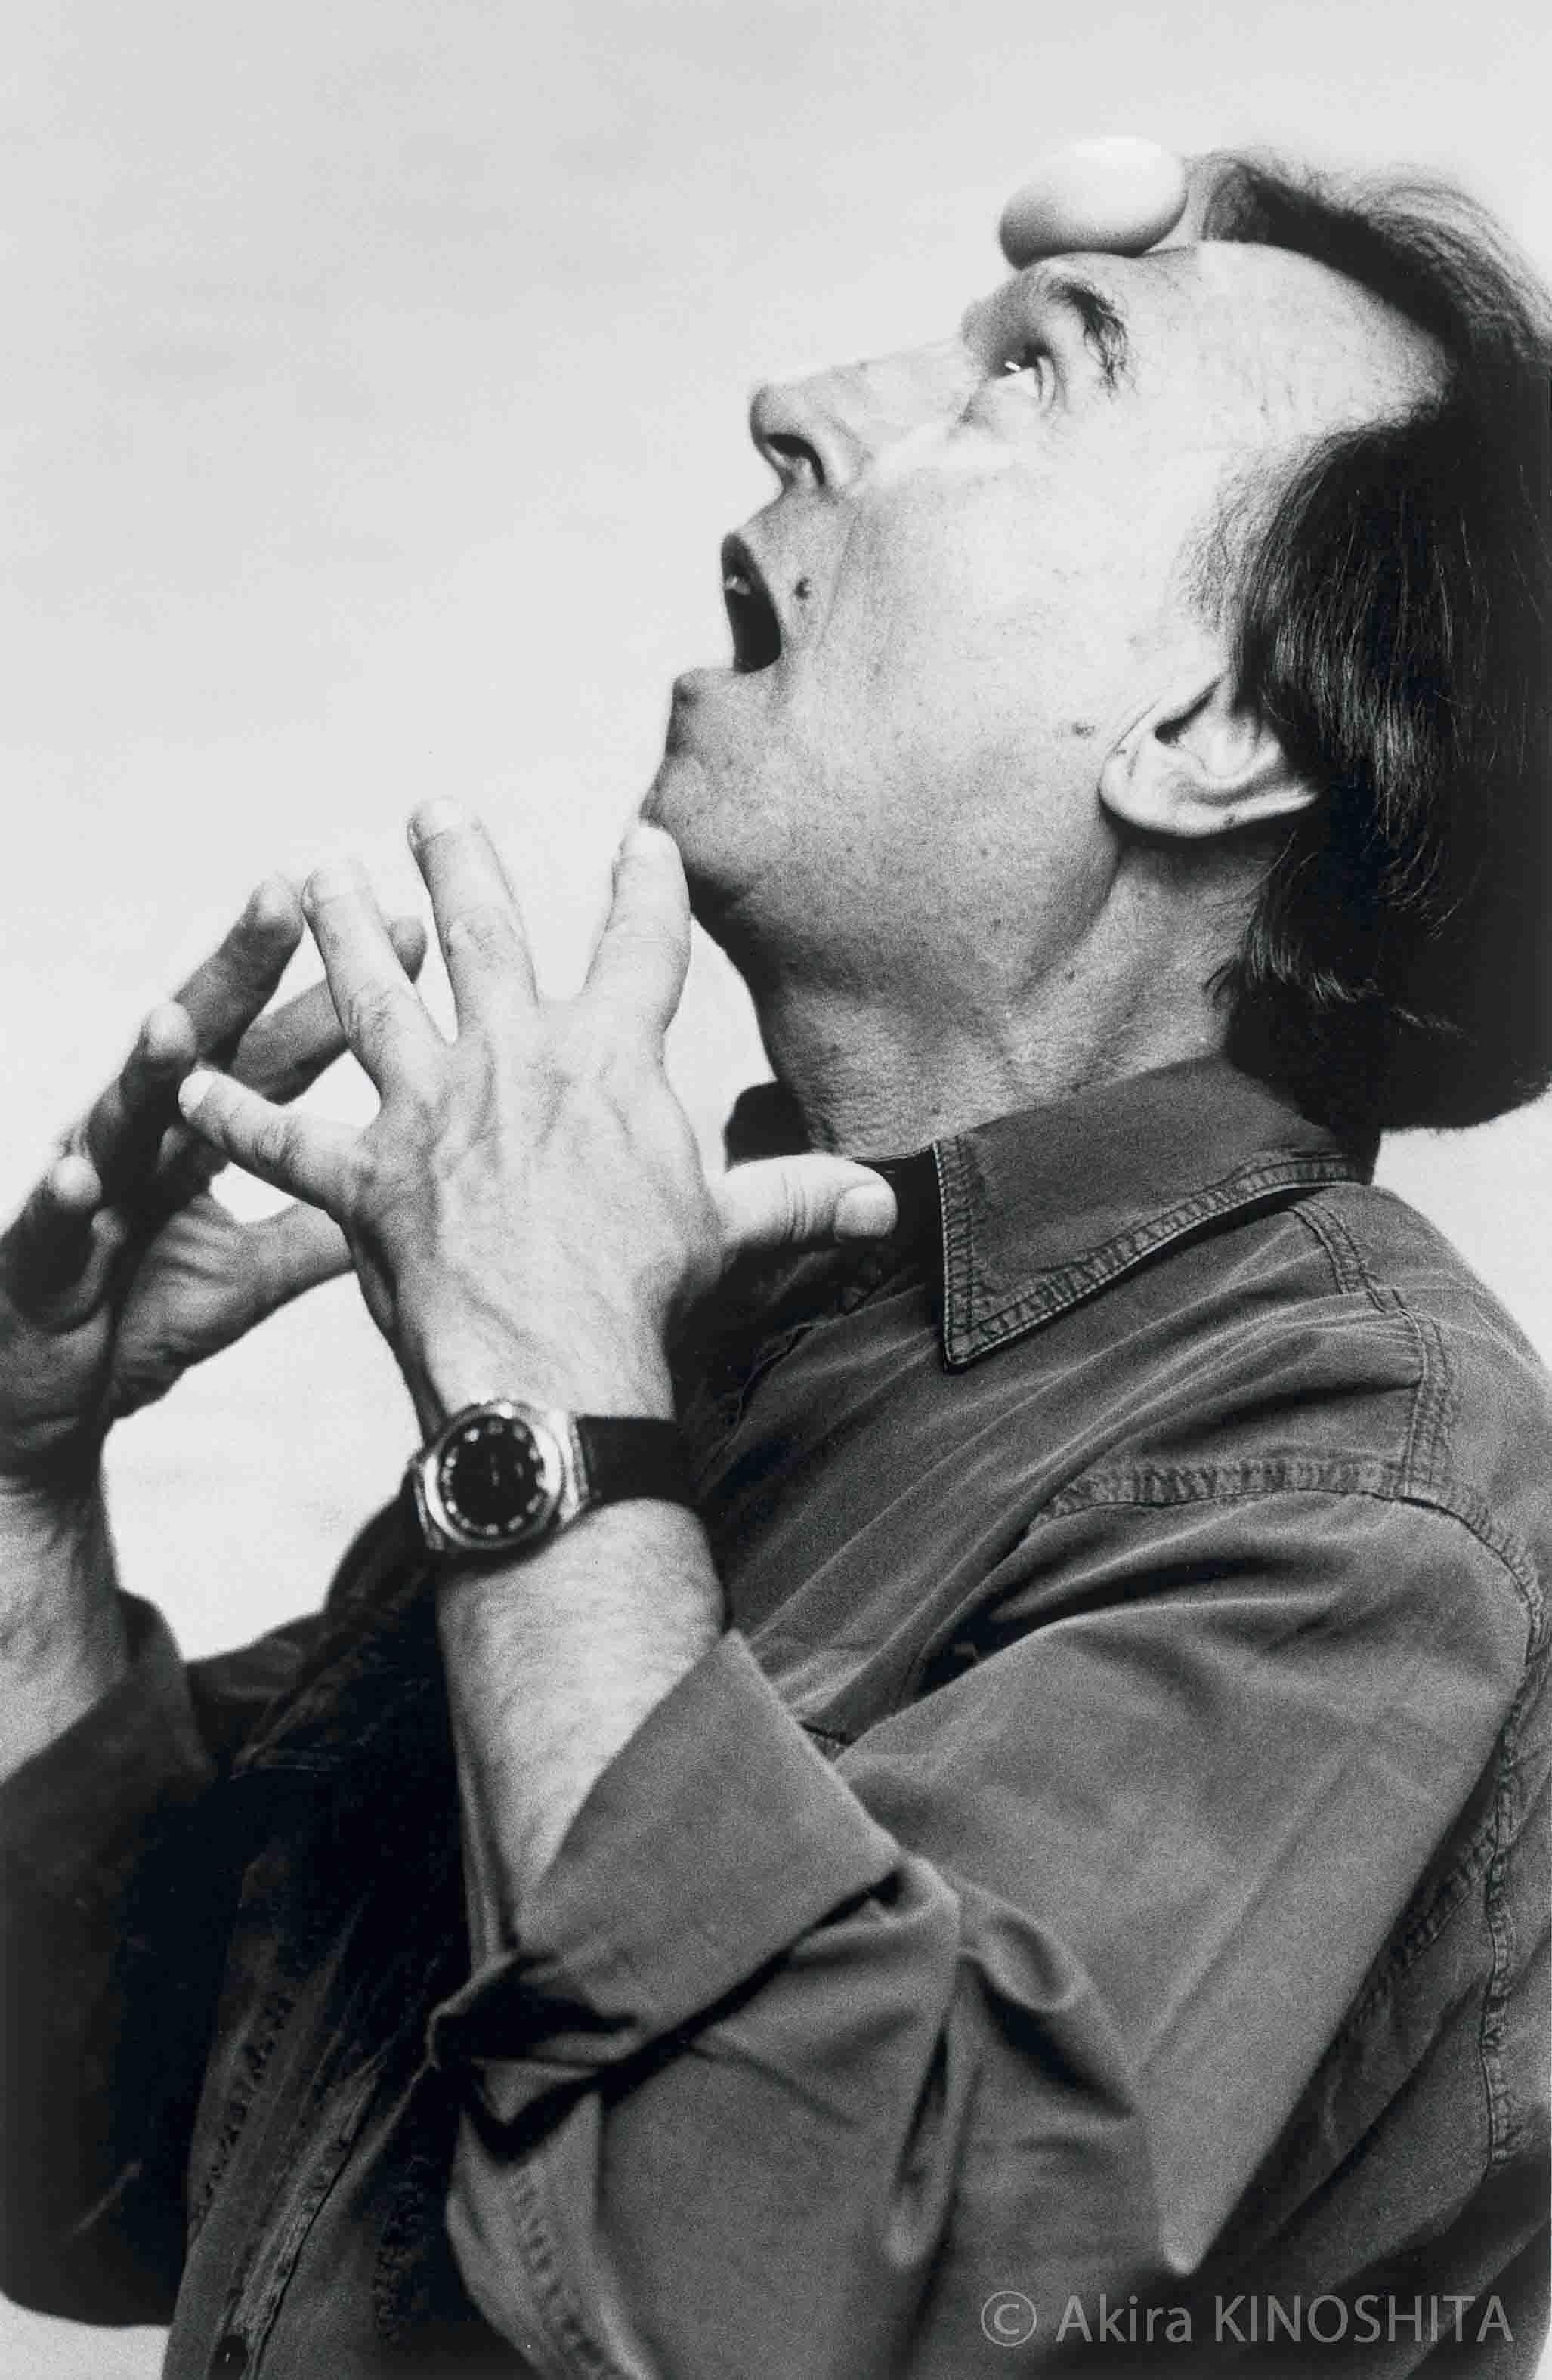 クラウディオ・アバド(指揮者) 1996年10月17日撮影